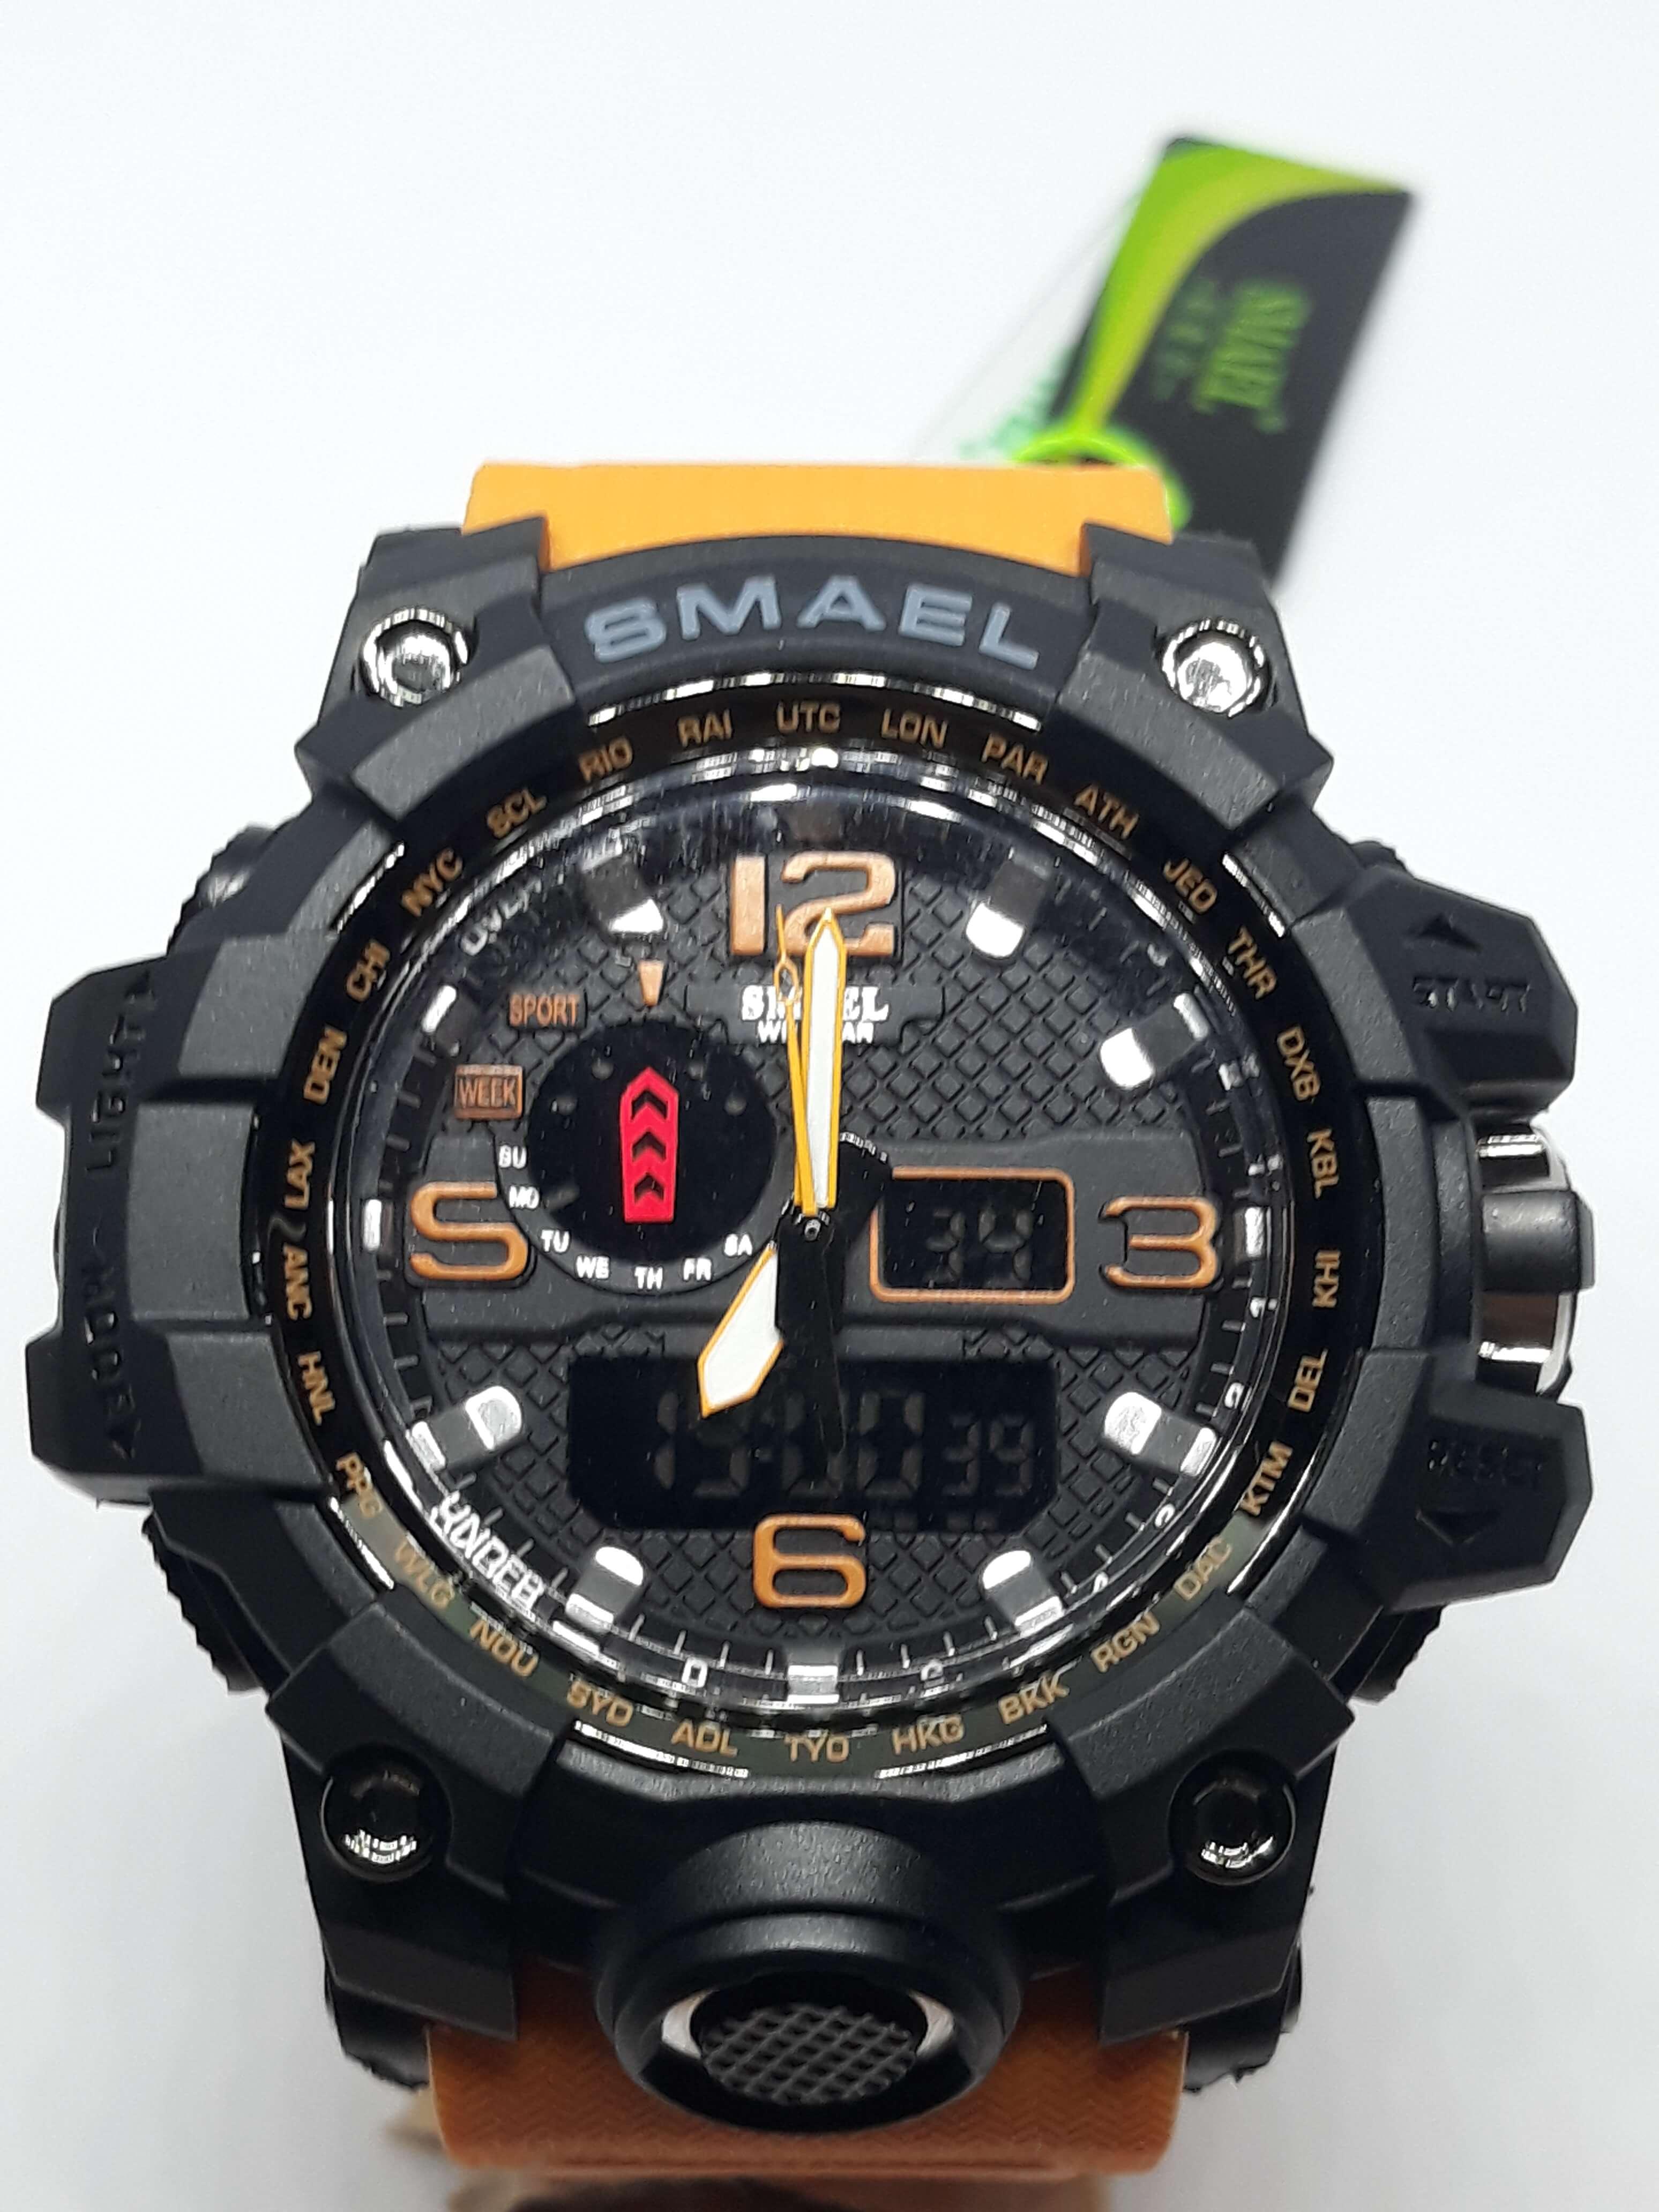 Zegarek Smael Camouflage pomarańczowy 9